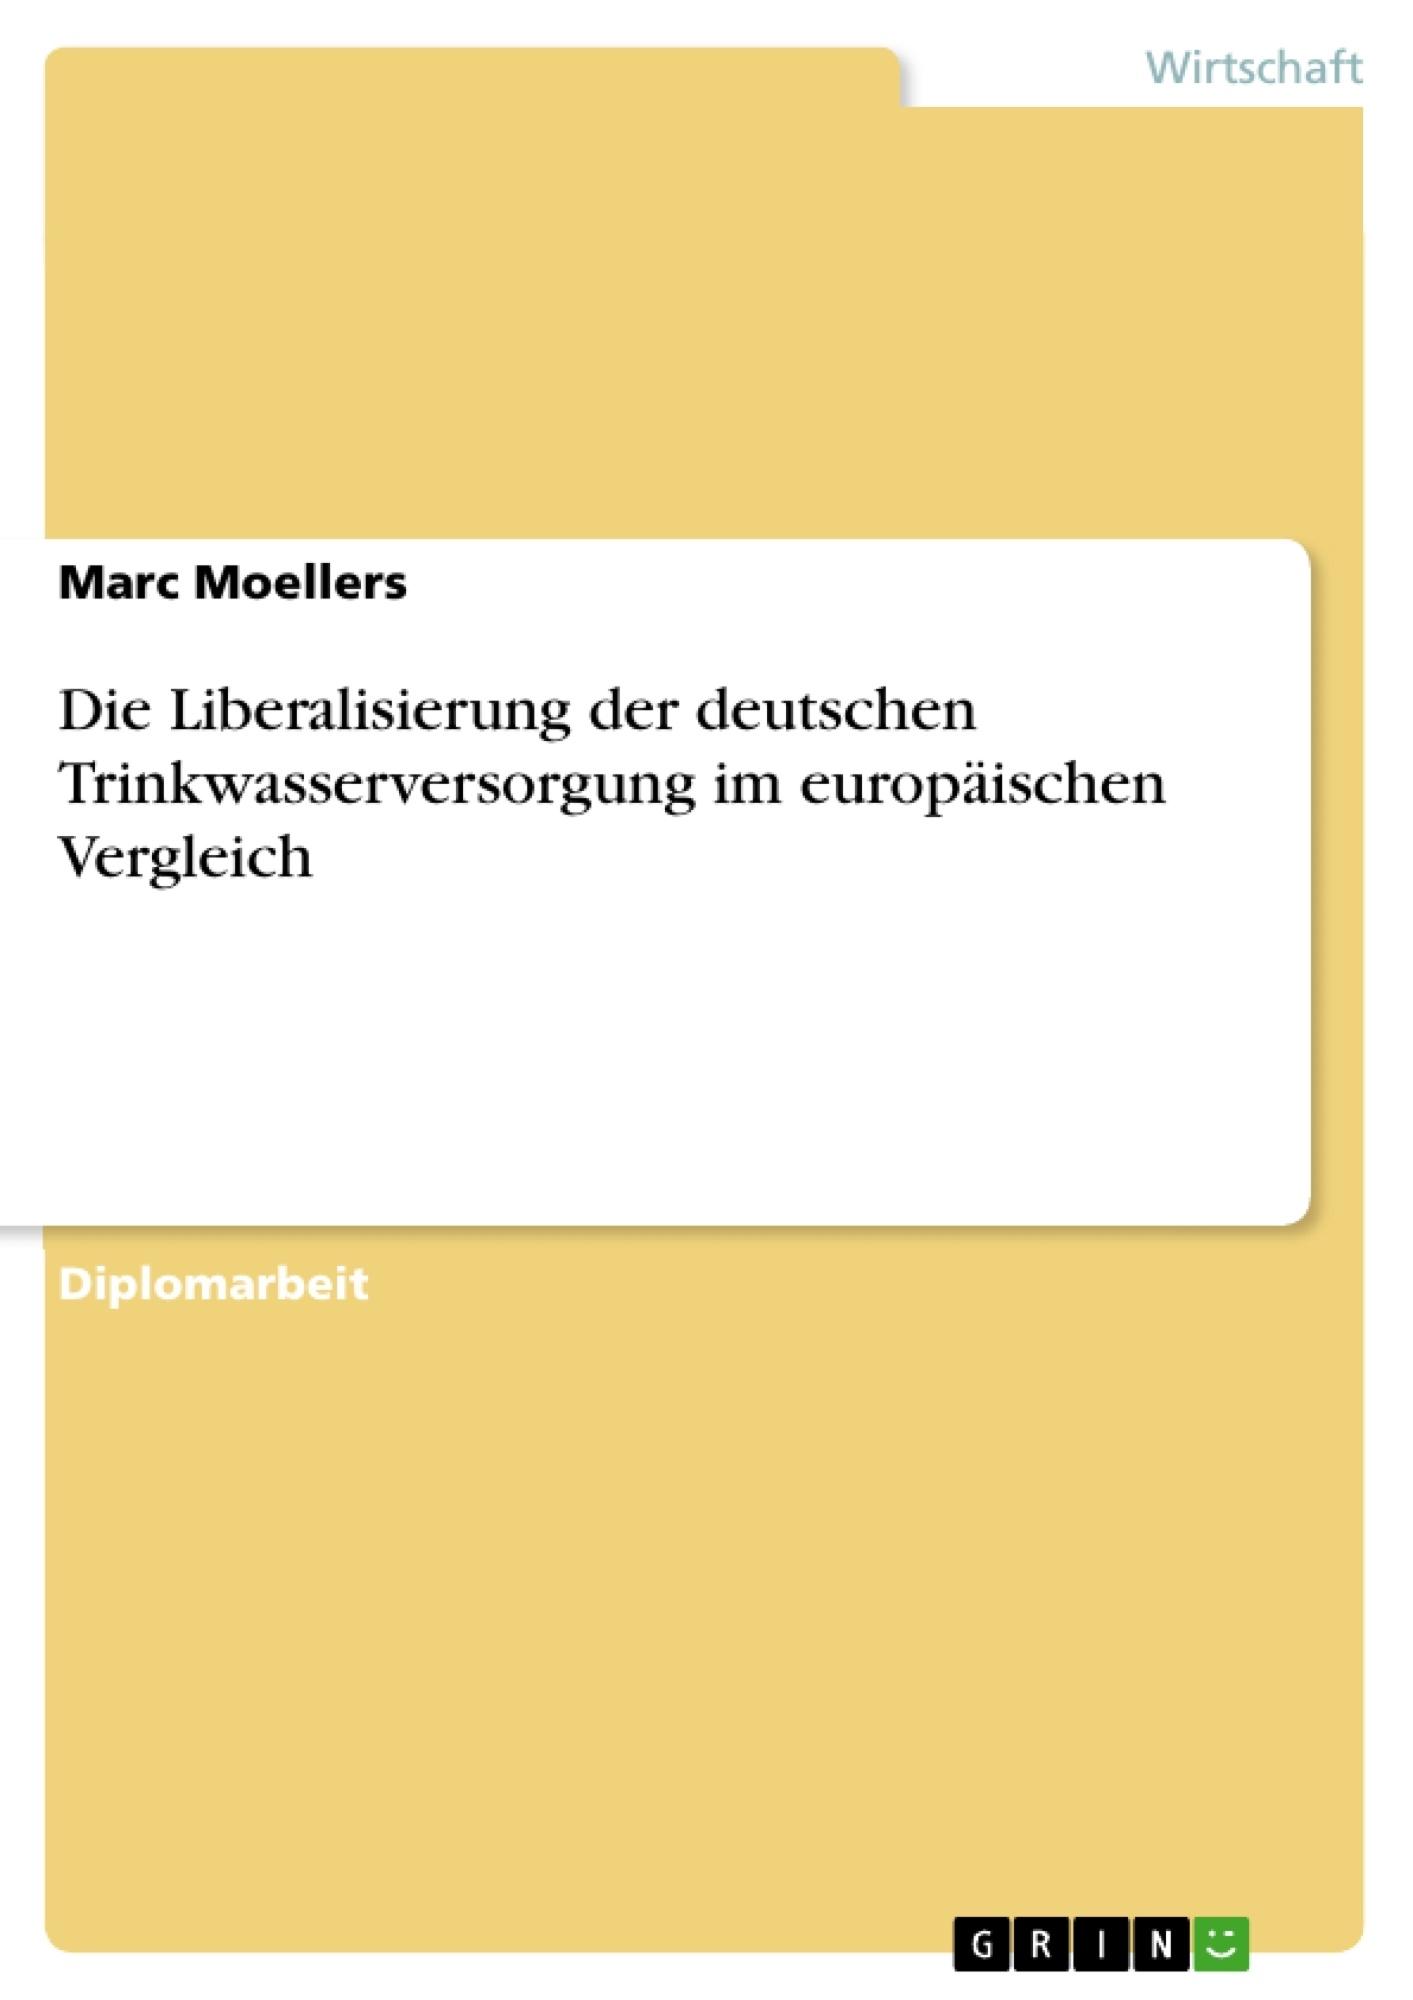 Titel: Die Liberalisierung der deutschen Trinkwasserversorgung im europäischen Vergleich